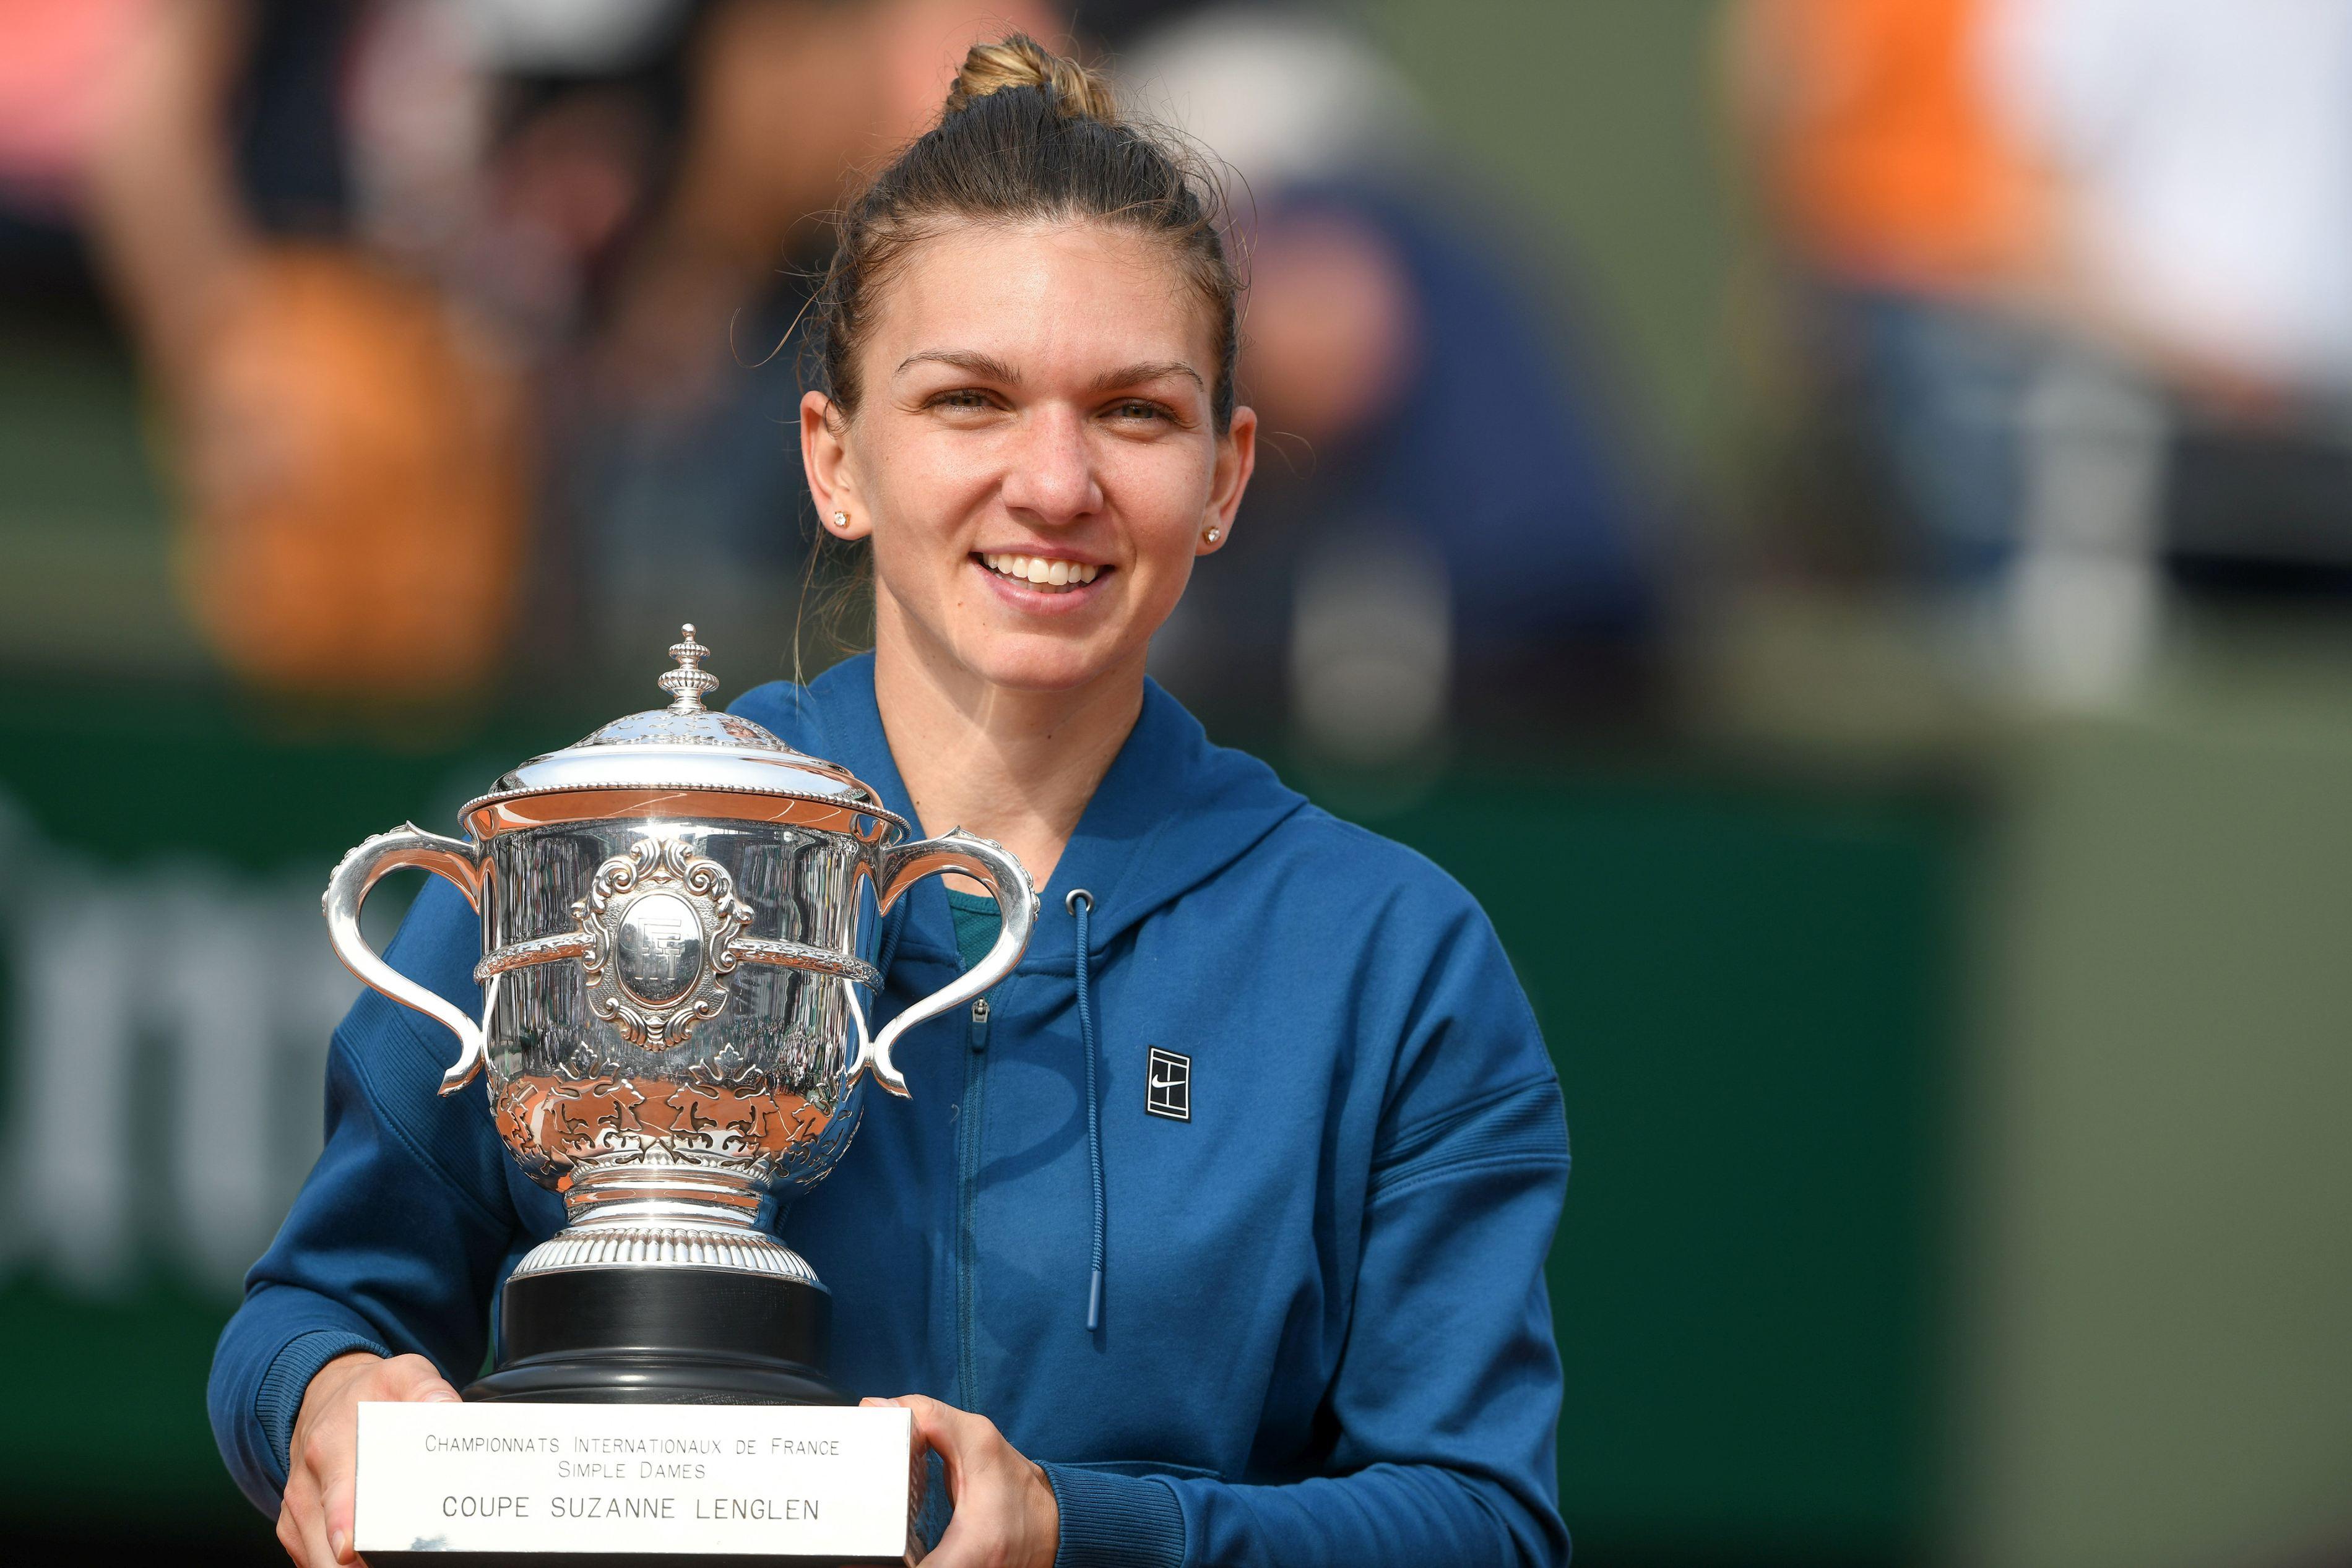 Mats Wilander, interviu la startul Roland Garros 2019 Simona Halep ar putea să creadă că timpul ei în top s-a scurs! EXCLUSIV